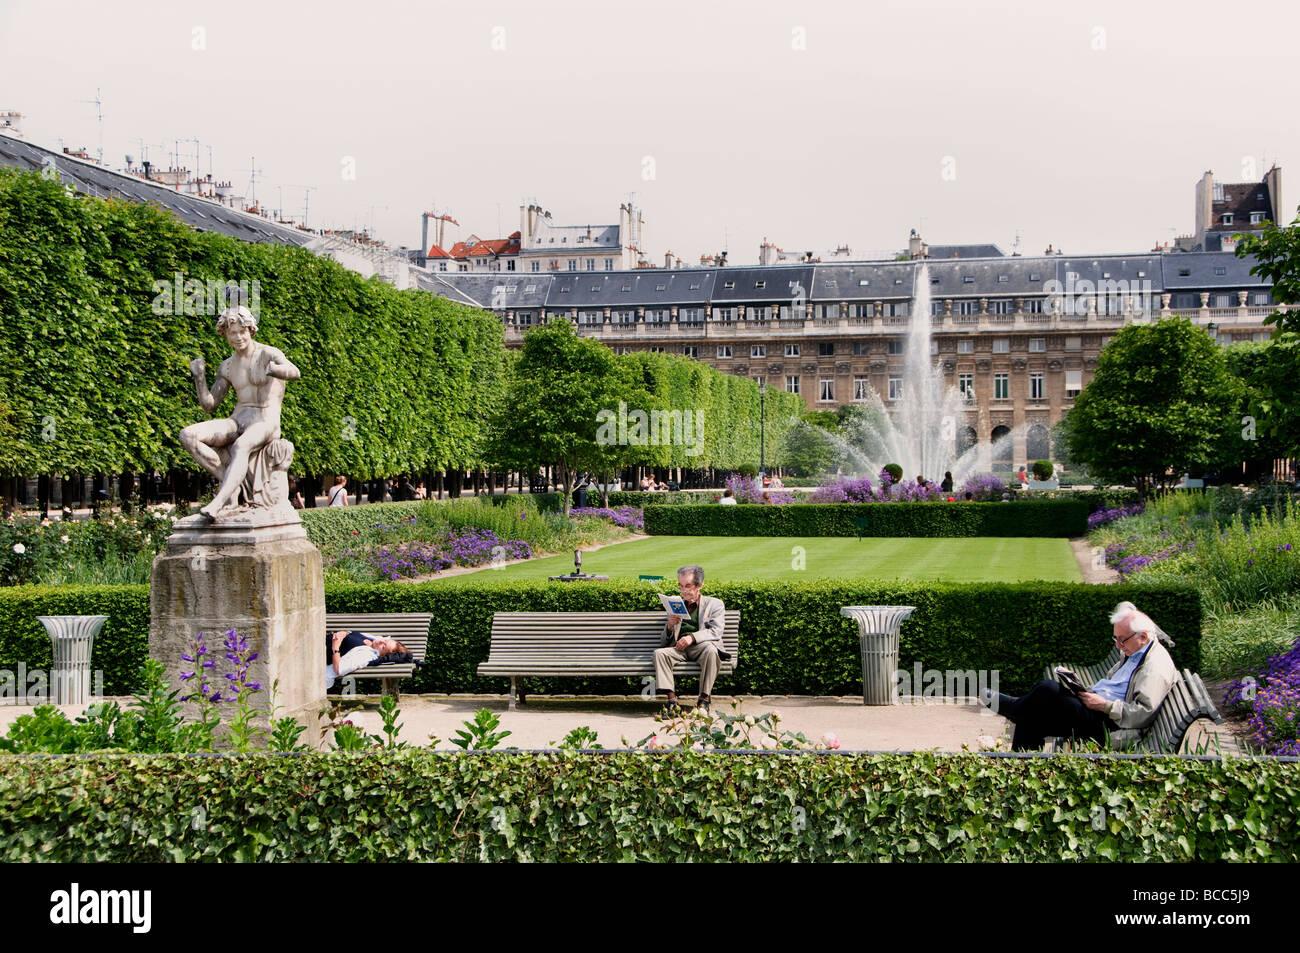 Place du Palais Royal Paris French Garden France - Stock Image